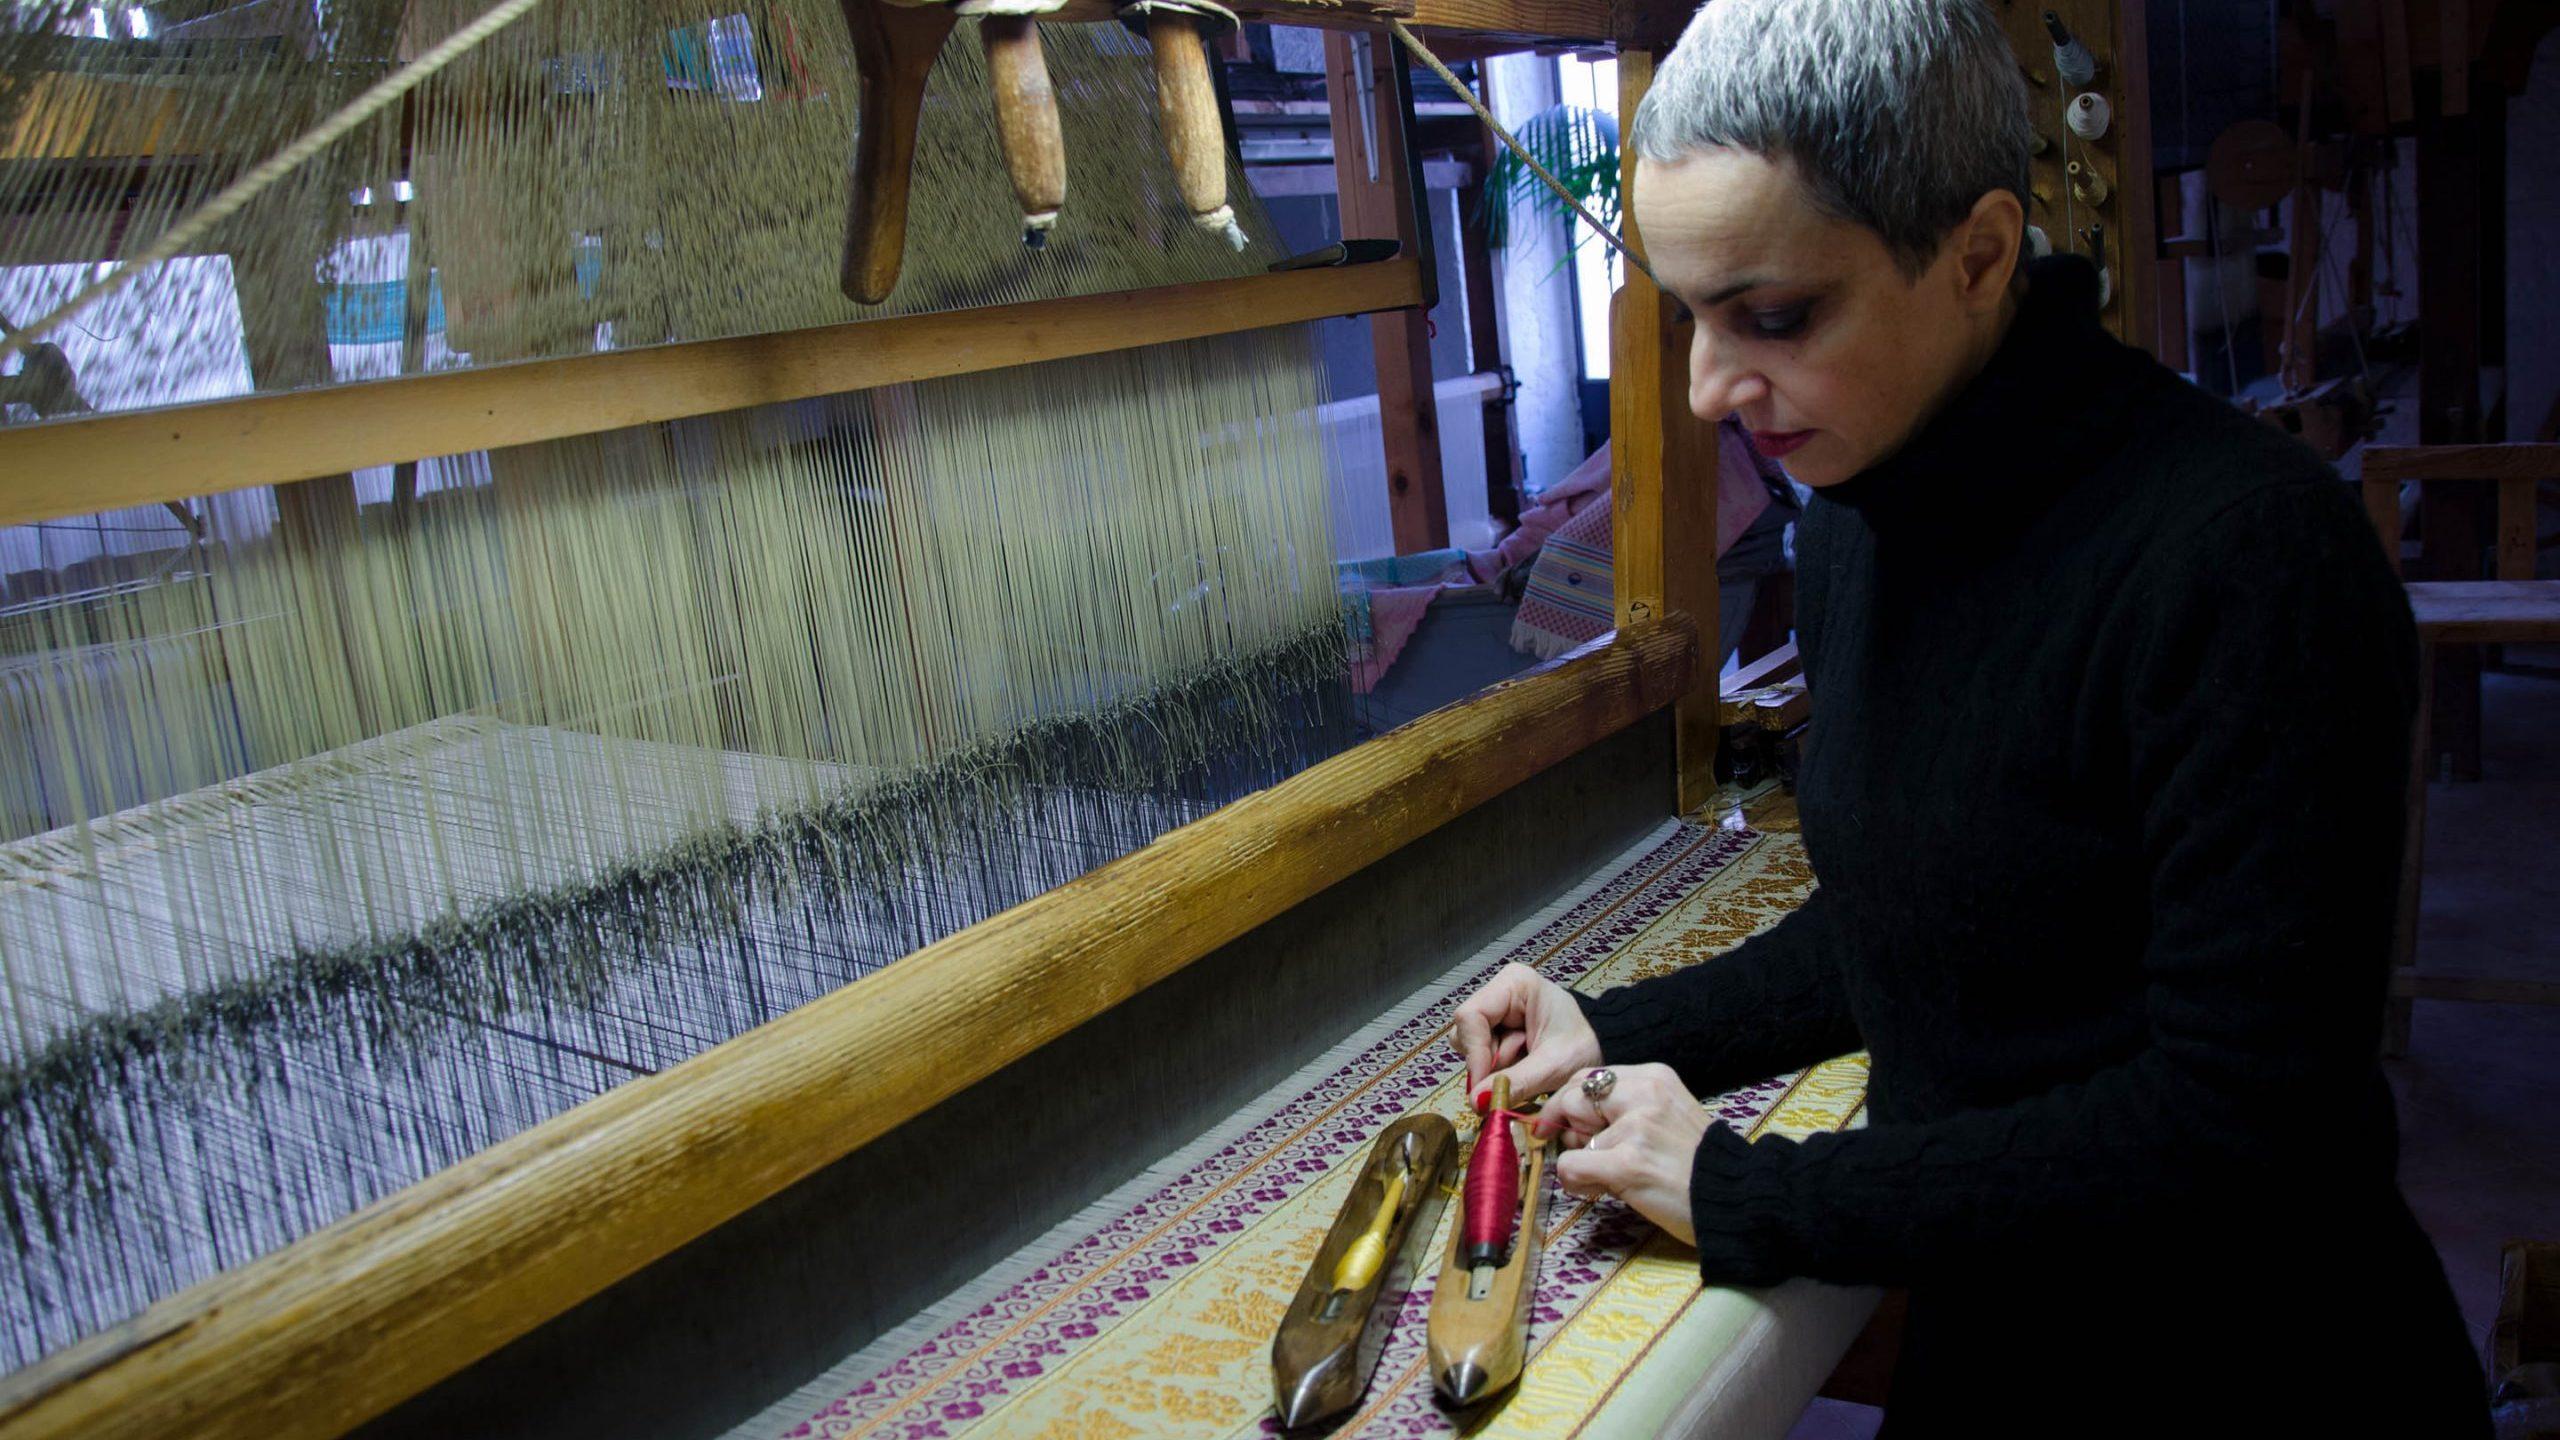 Weaving courses - Giuditta Brozzetti Museum Atelier  - Perugia, Umbria